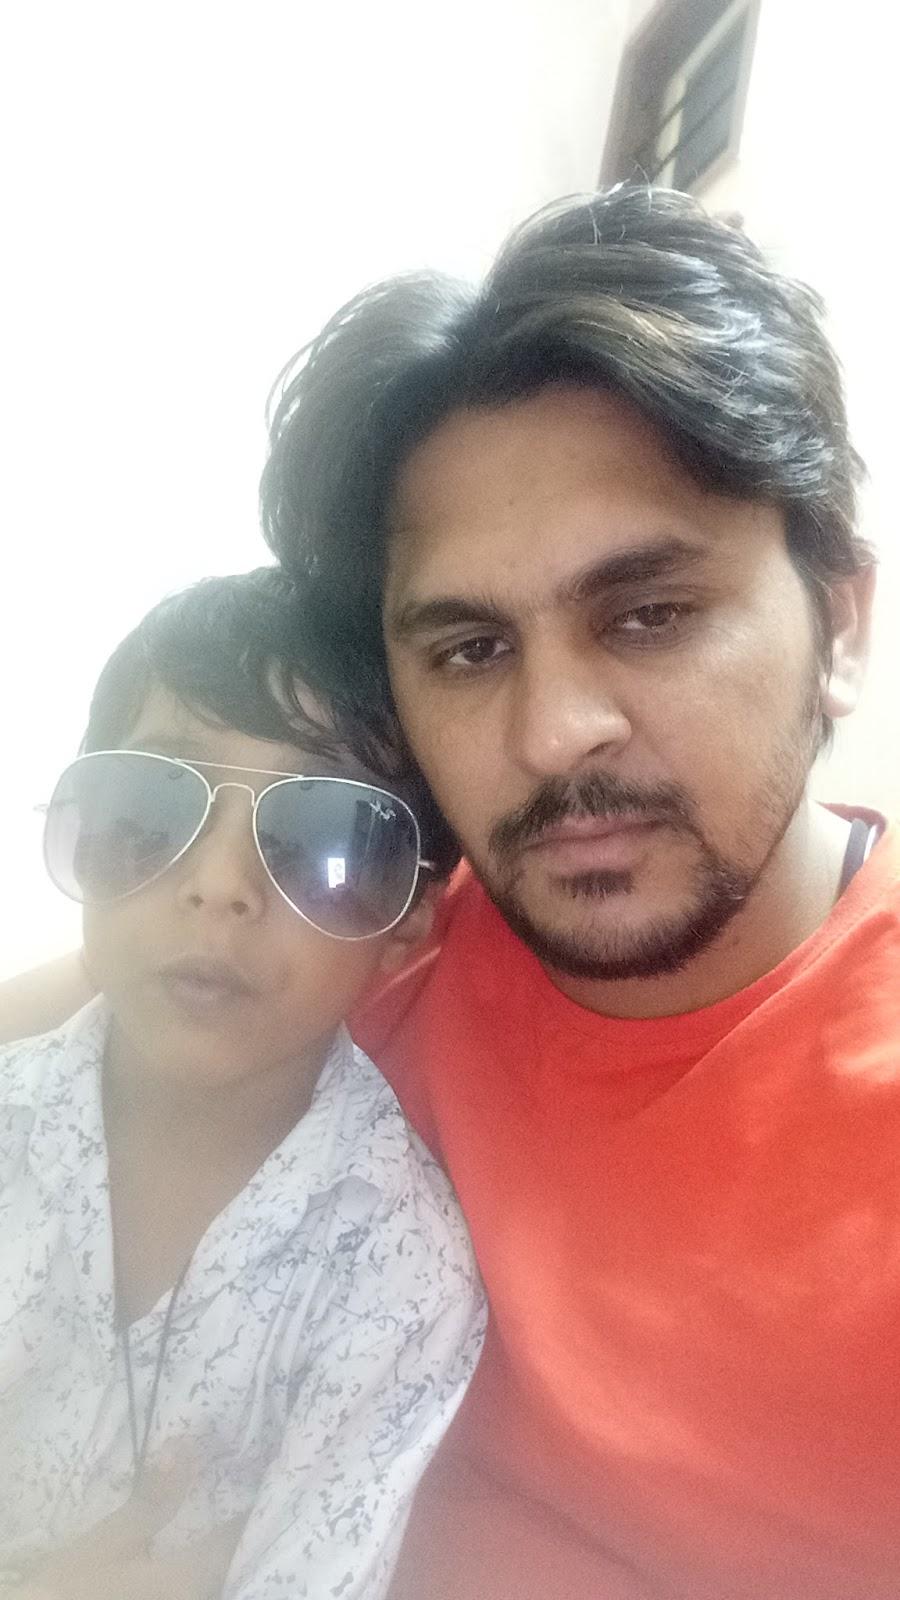 very nice my baby picture hitesh ghangahs - bhola jaat > रॉयल